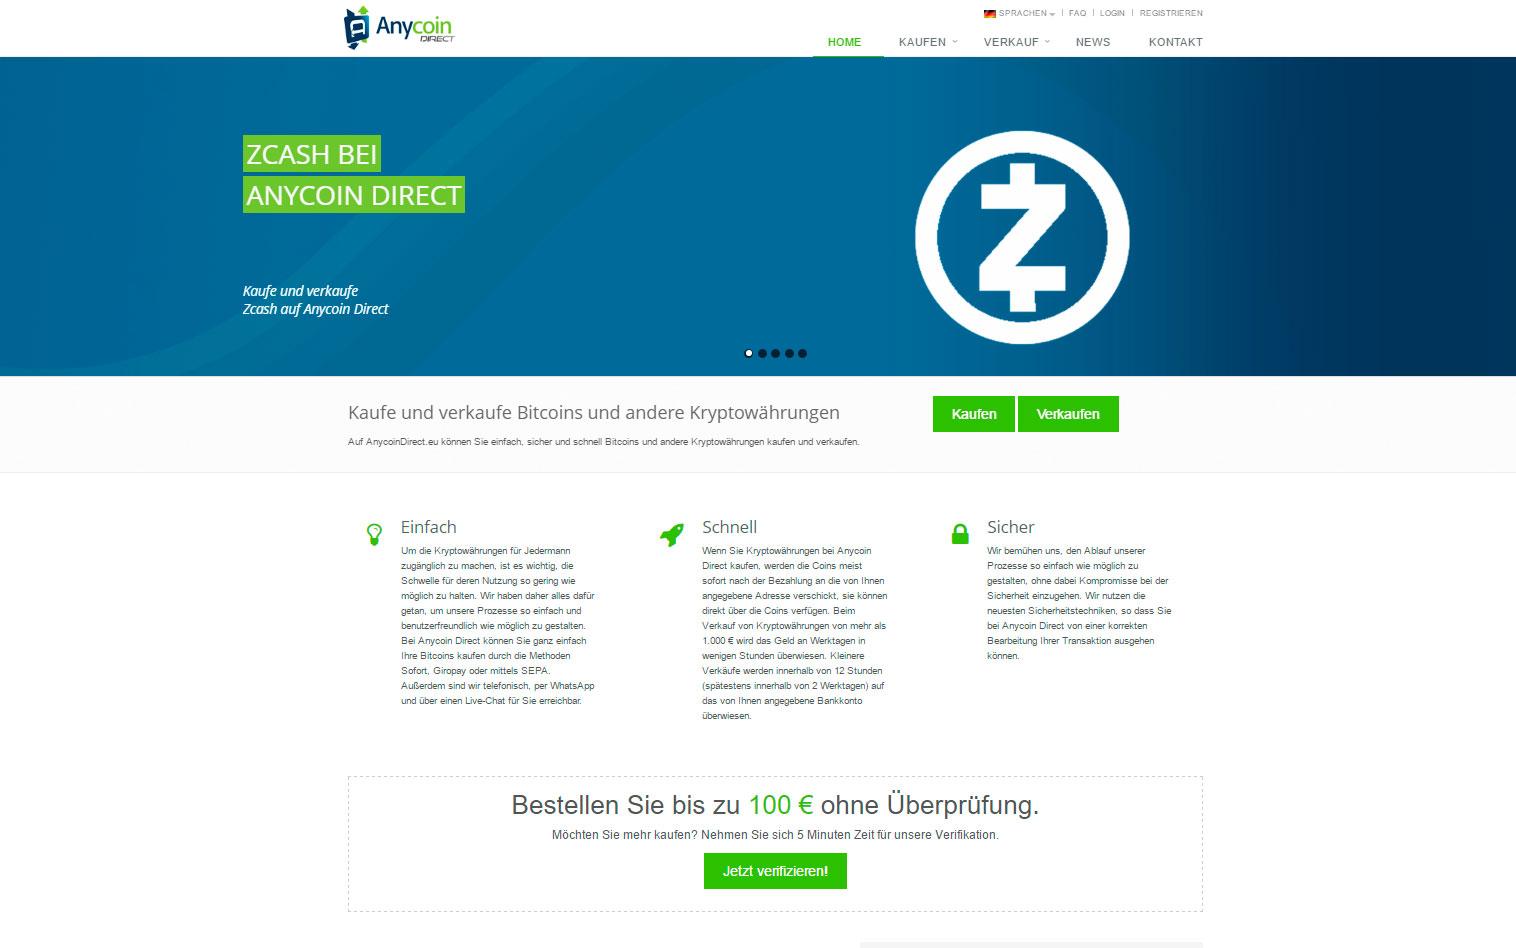 Anycoin-Direct Kaufe und verkaufe Bitcoins und andere Kryptowährungen